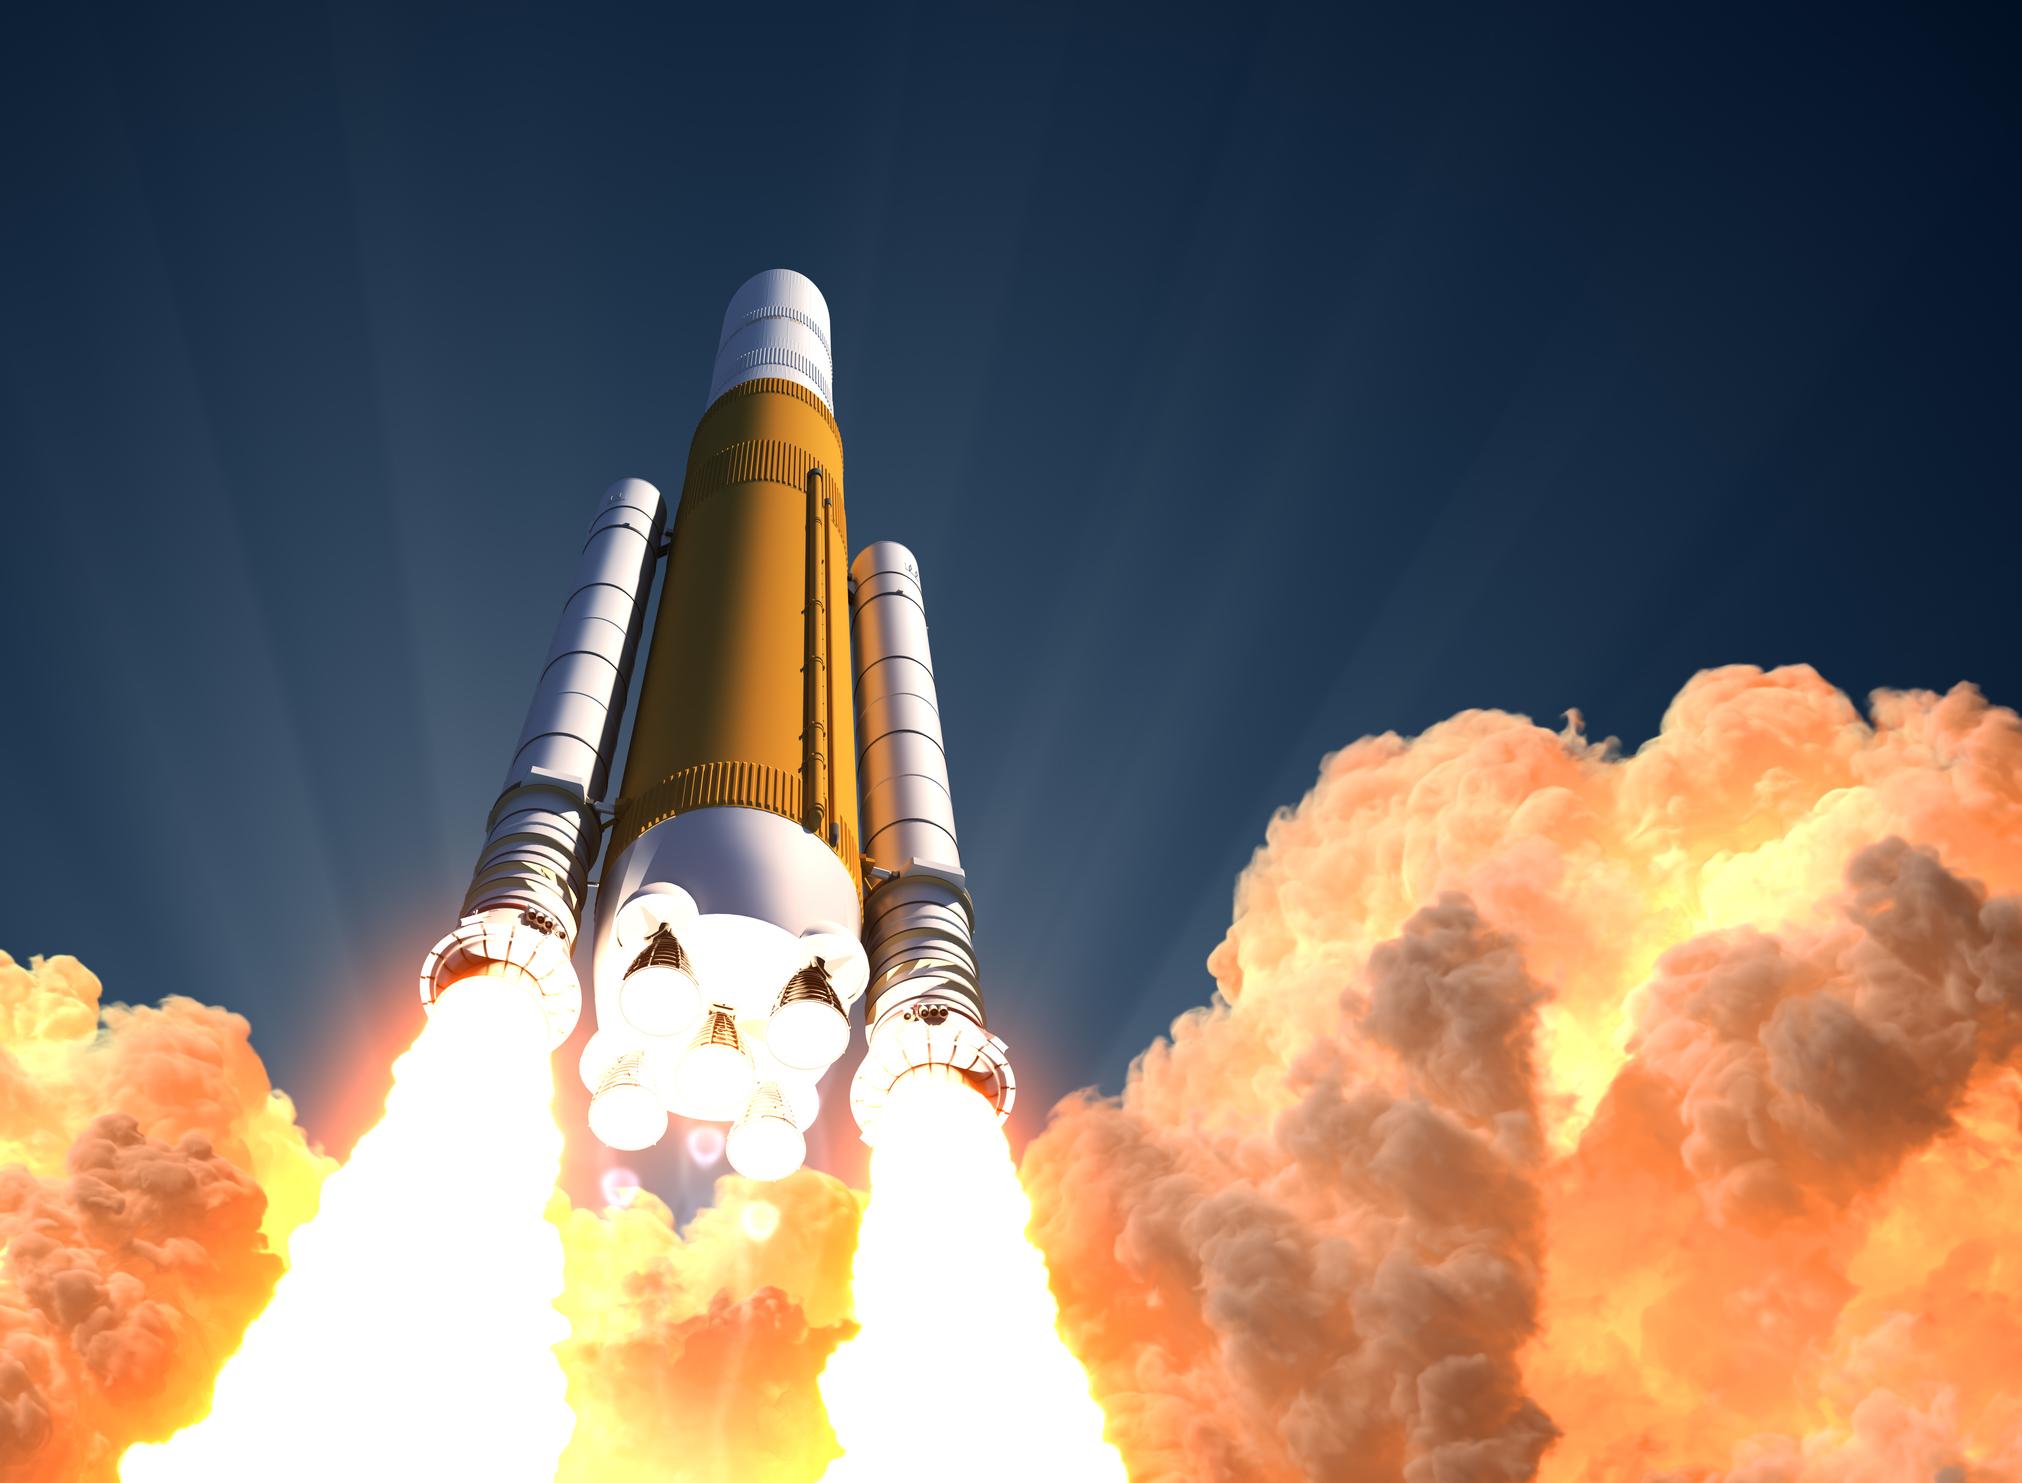 A rocket taking off.